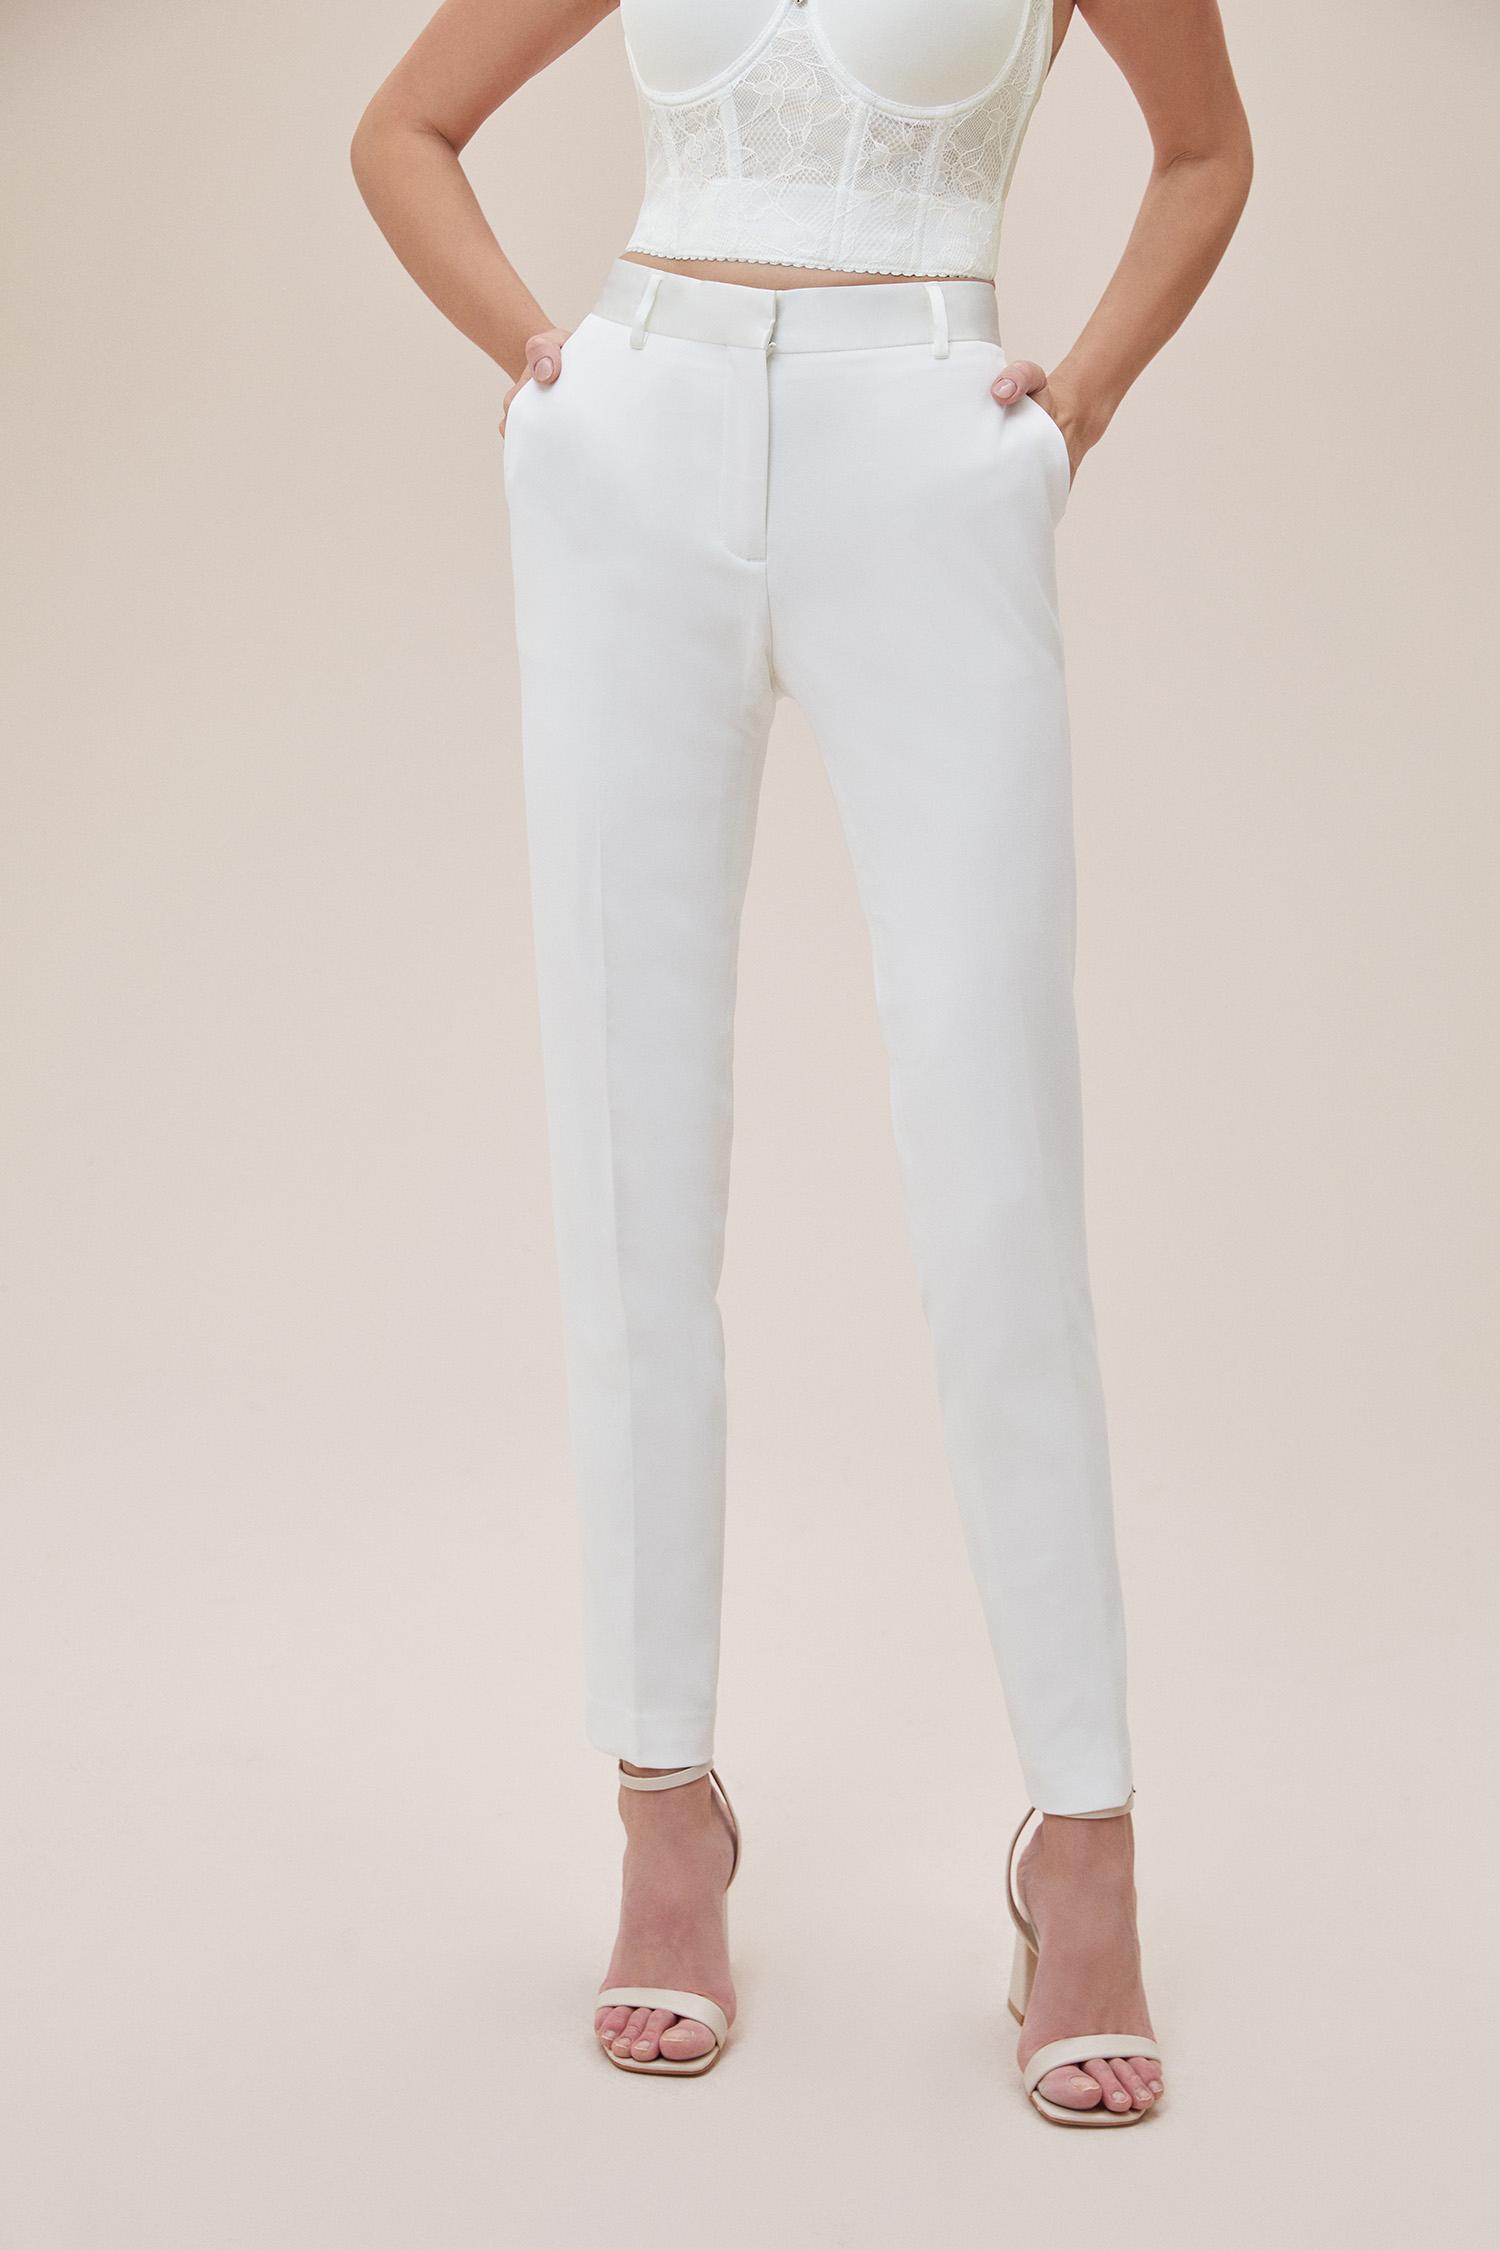 Beyaz Dar Kesim Takım Elbise Büyük Beden Gelinlik Pantolonu - Thumbnail